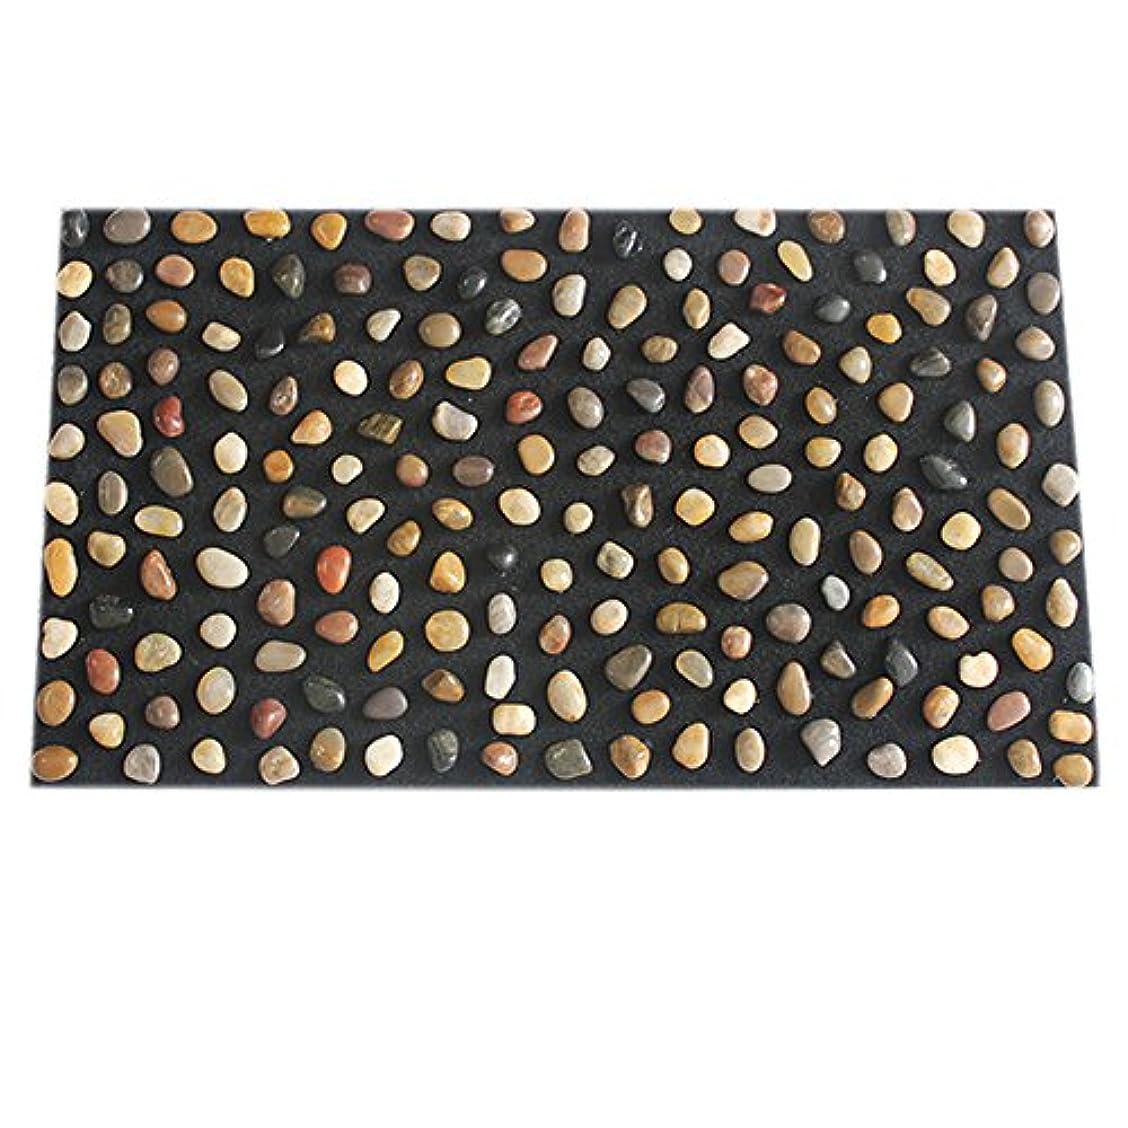 週末名誉技術足つぼ マット マッサージシート マッサージ 足裏 健康 ツボ刺激 折りたたみ ウォーキングマット 足裏マット 本物の健康 フットマッサージ 足のマッサージパッド 模造石畳の歩道